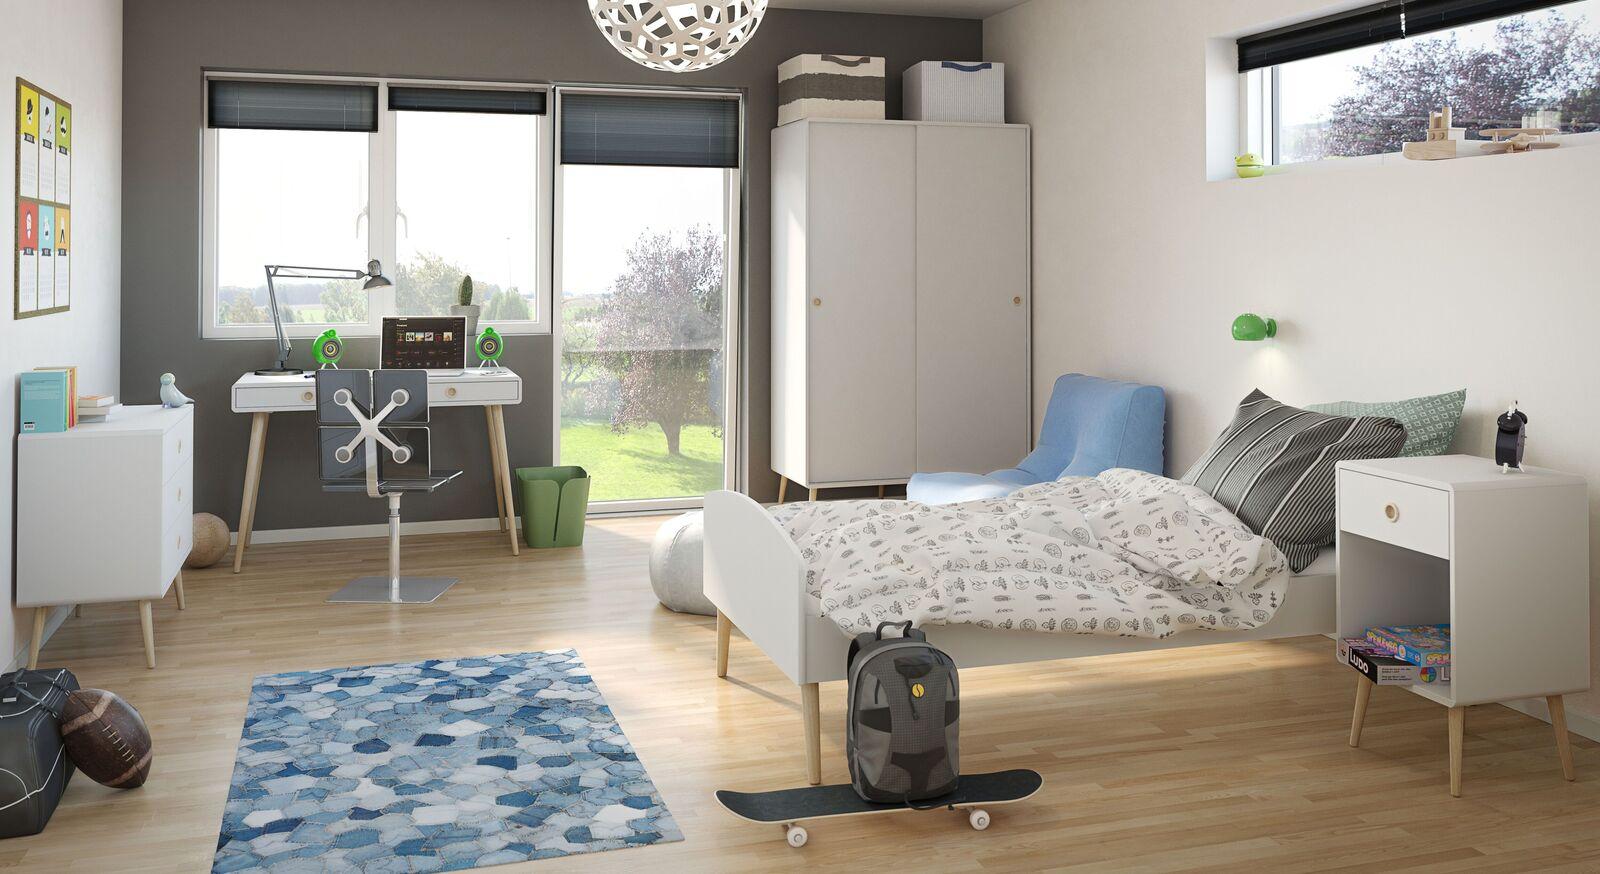 Jugendzimmer Zuria mit passenden Möbeln